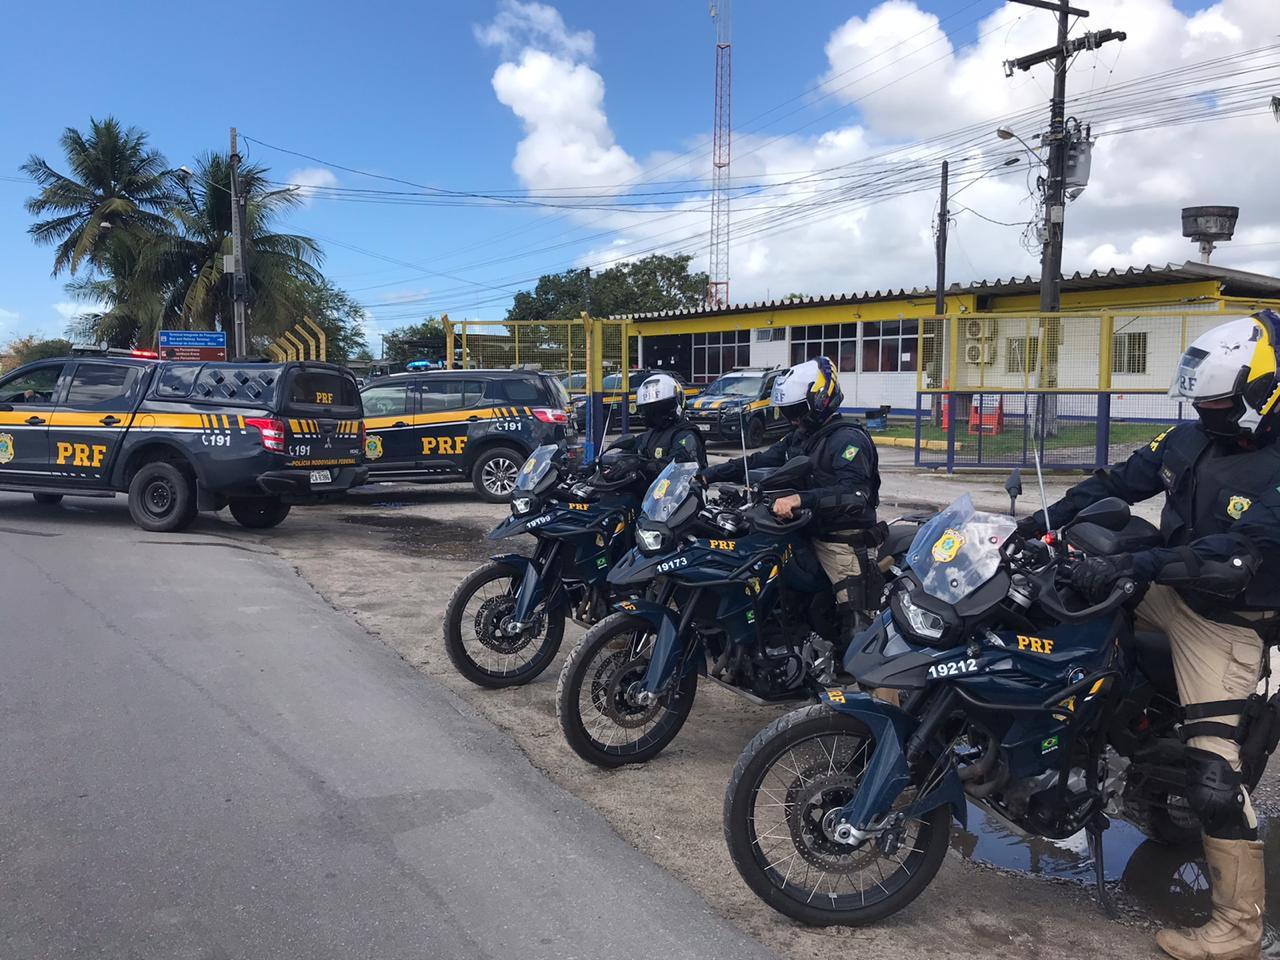 PRF divulga balanço da Operação Independência em Pernambuco